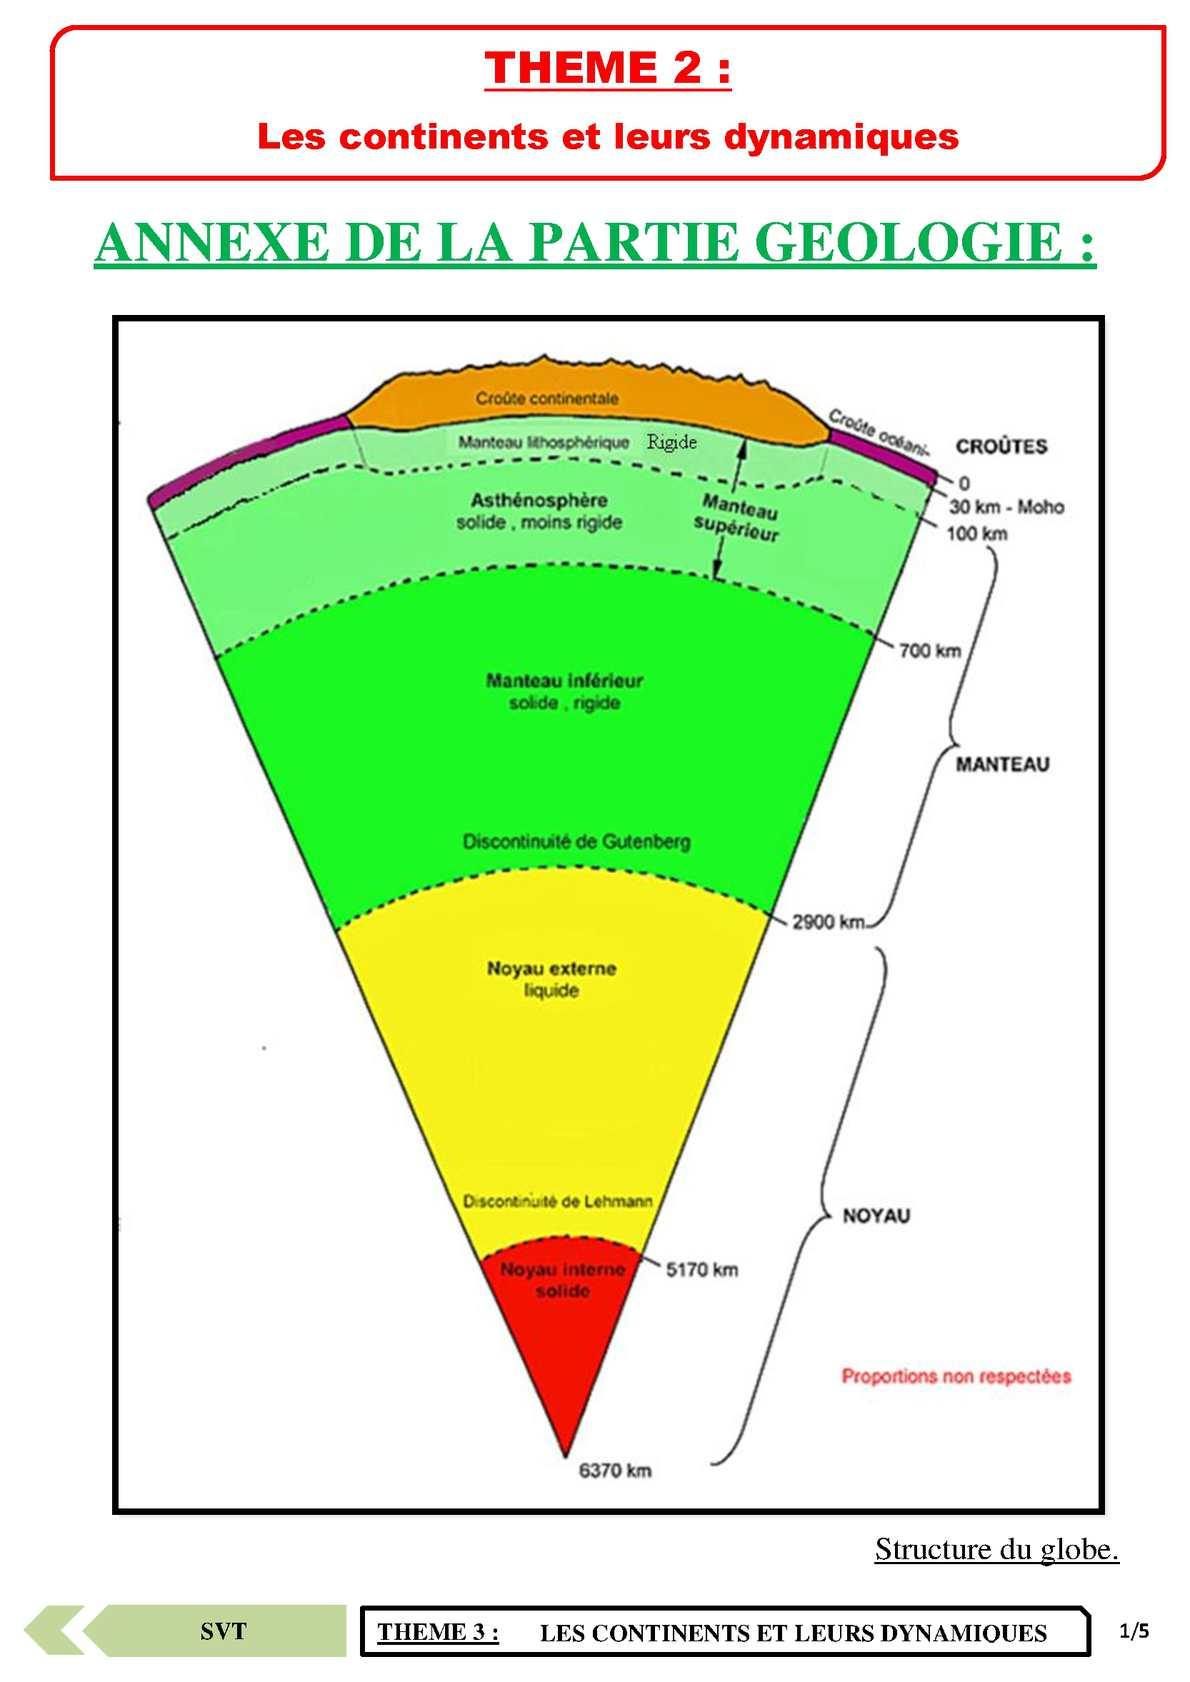 TS - SVT - Annexe thème 2 (géologie)